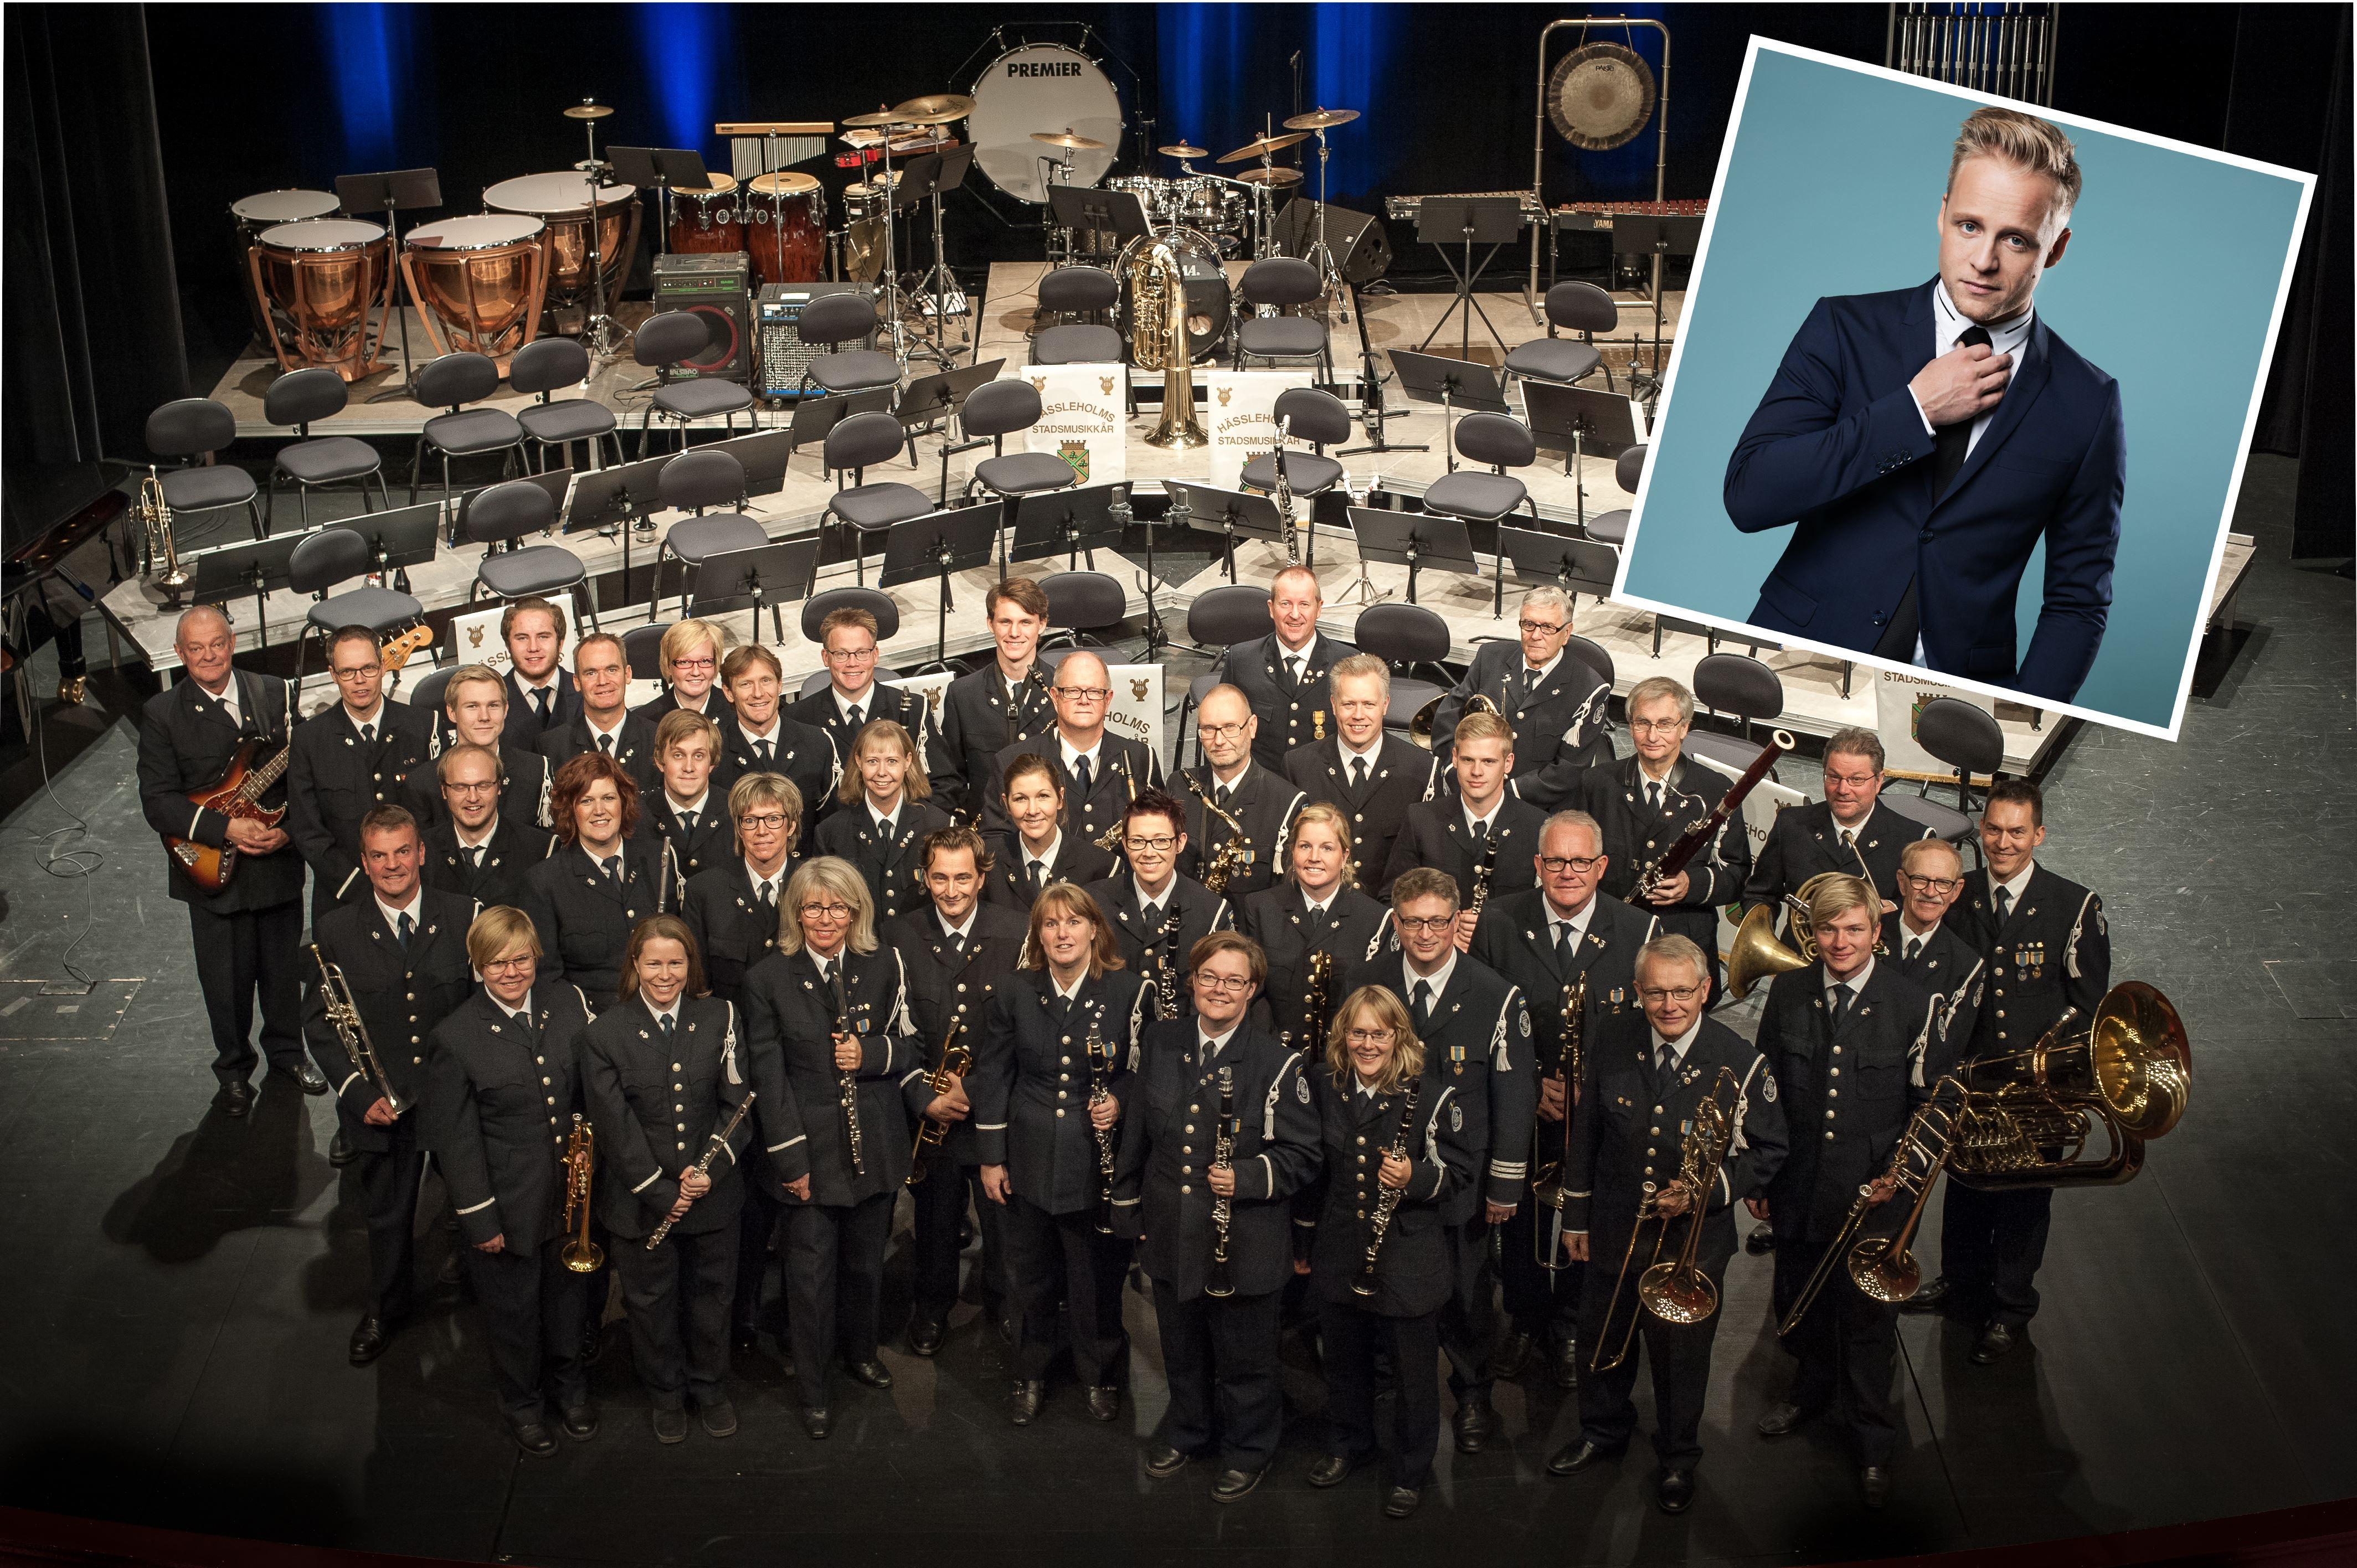 Jubileumskonsert med Hässleholms Stadsmusikkår och Andreas Weise